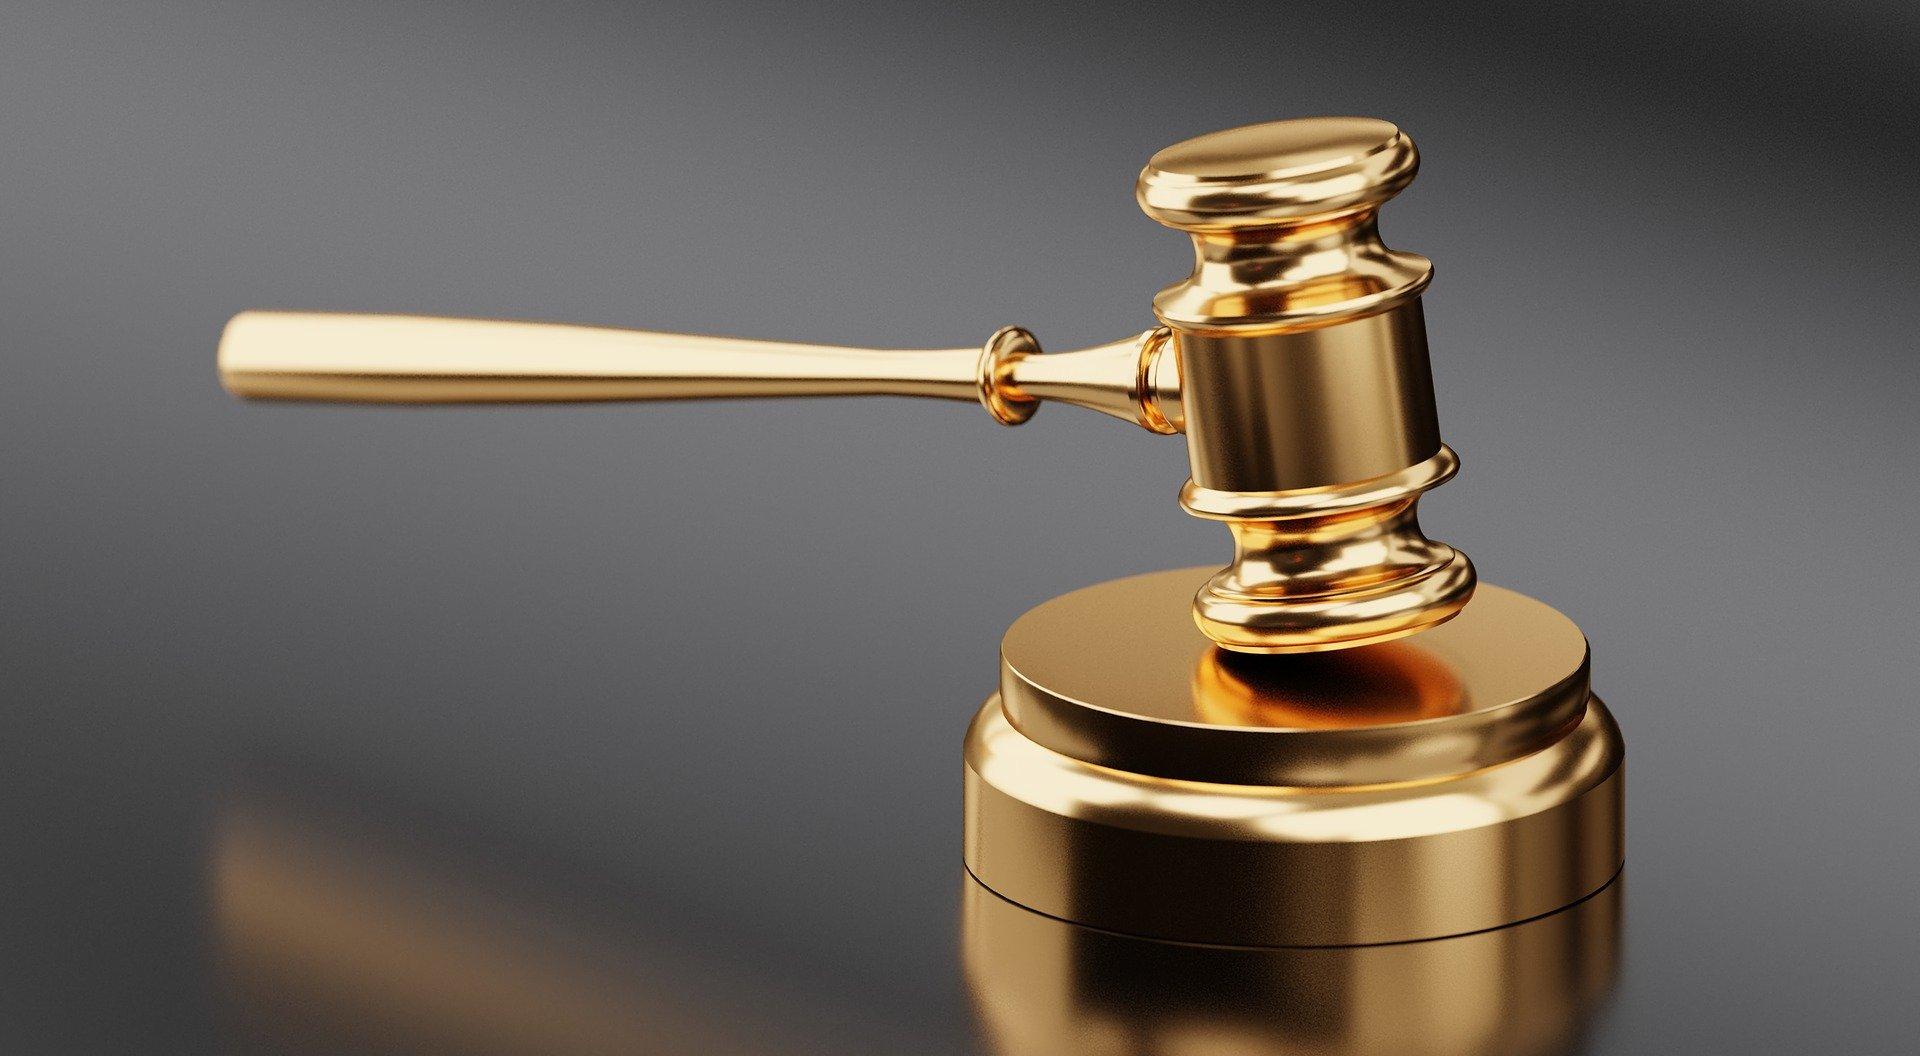 abogado para delito leve de lesiones